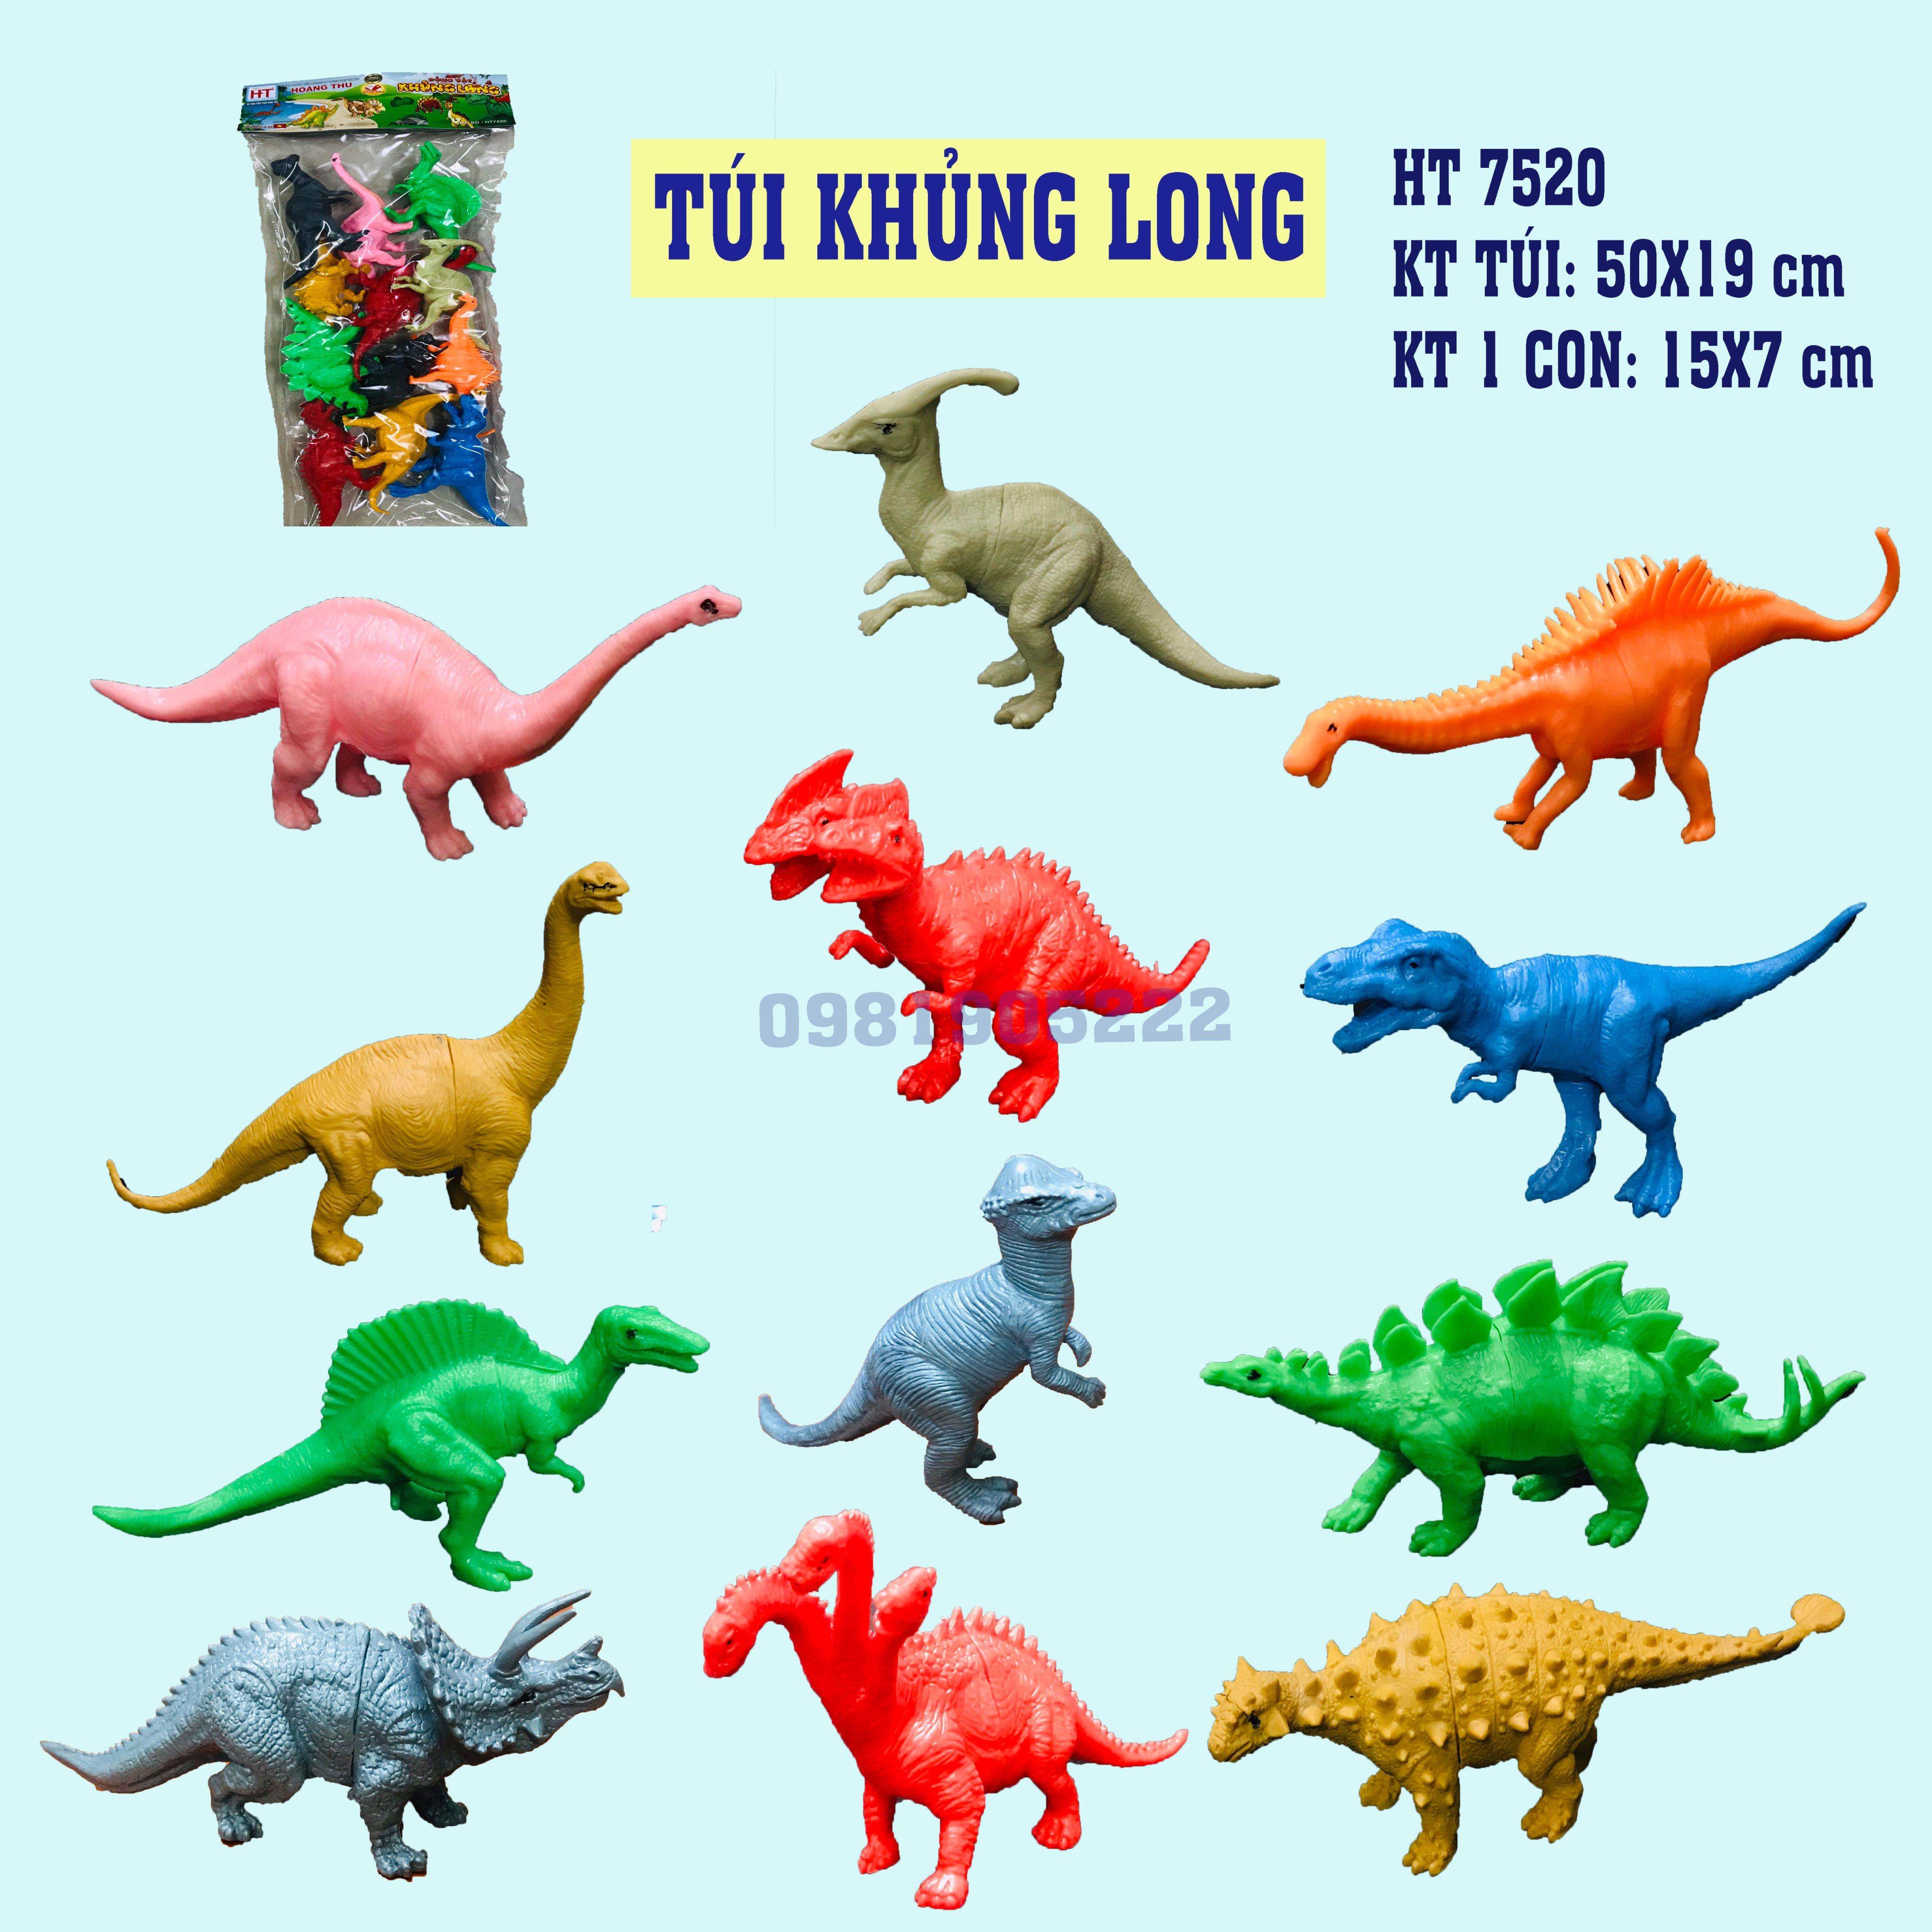 BỘ SƯU TẬP KHỦNG LONG HT 7519 – HT 7520